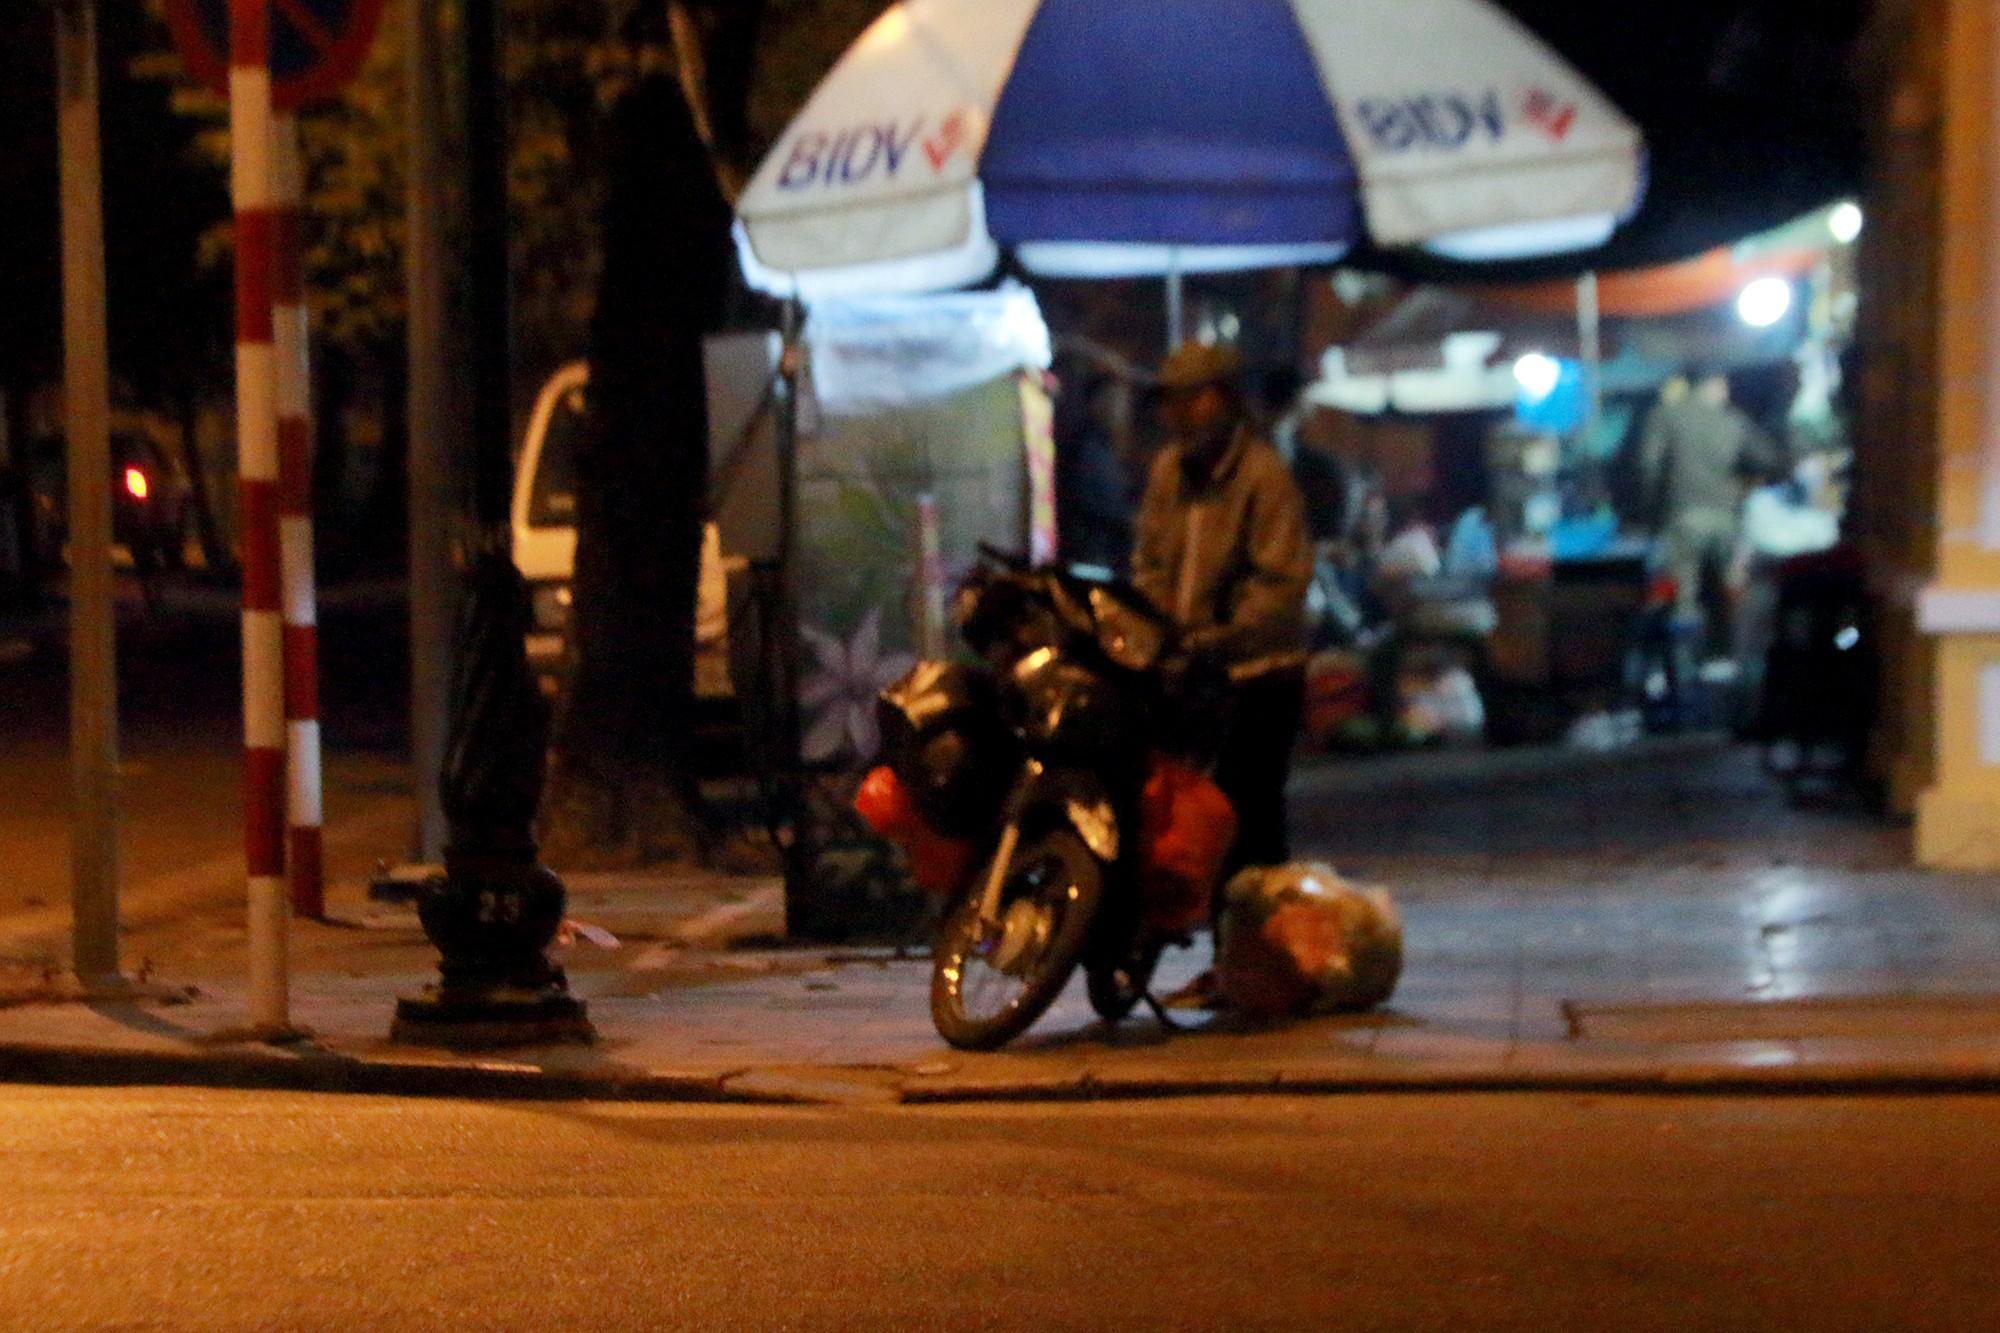 Chuyện lạ lùng người vô gia cư đi xe máy, ô tô, ở nhà tầng-2